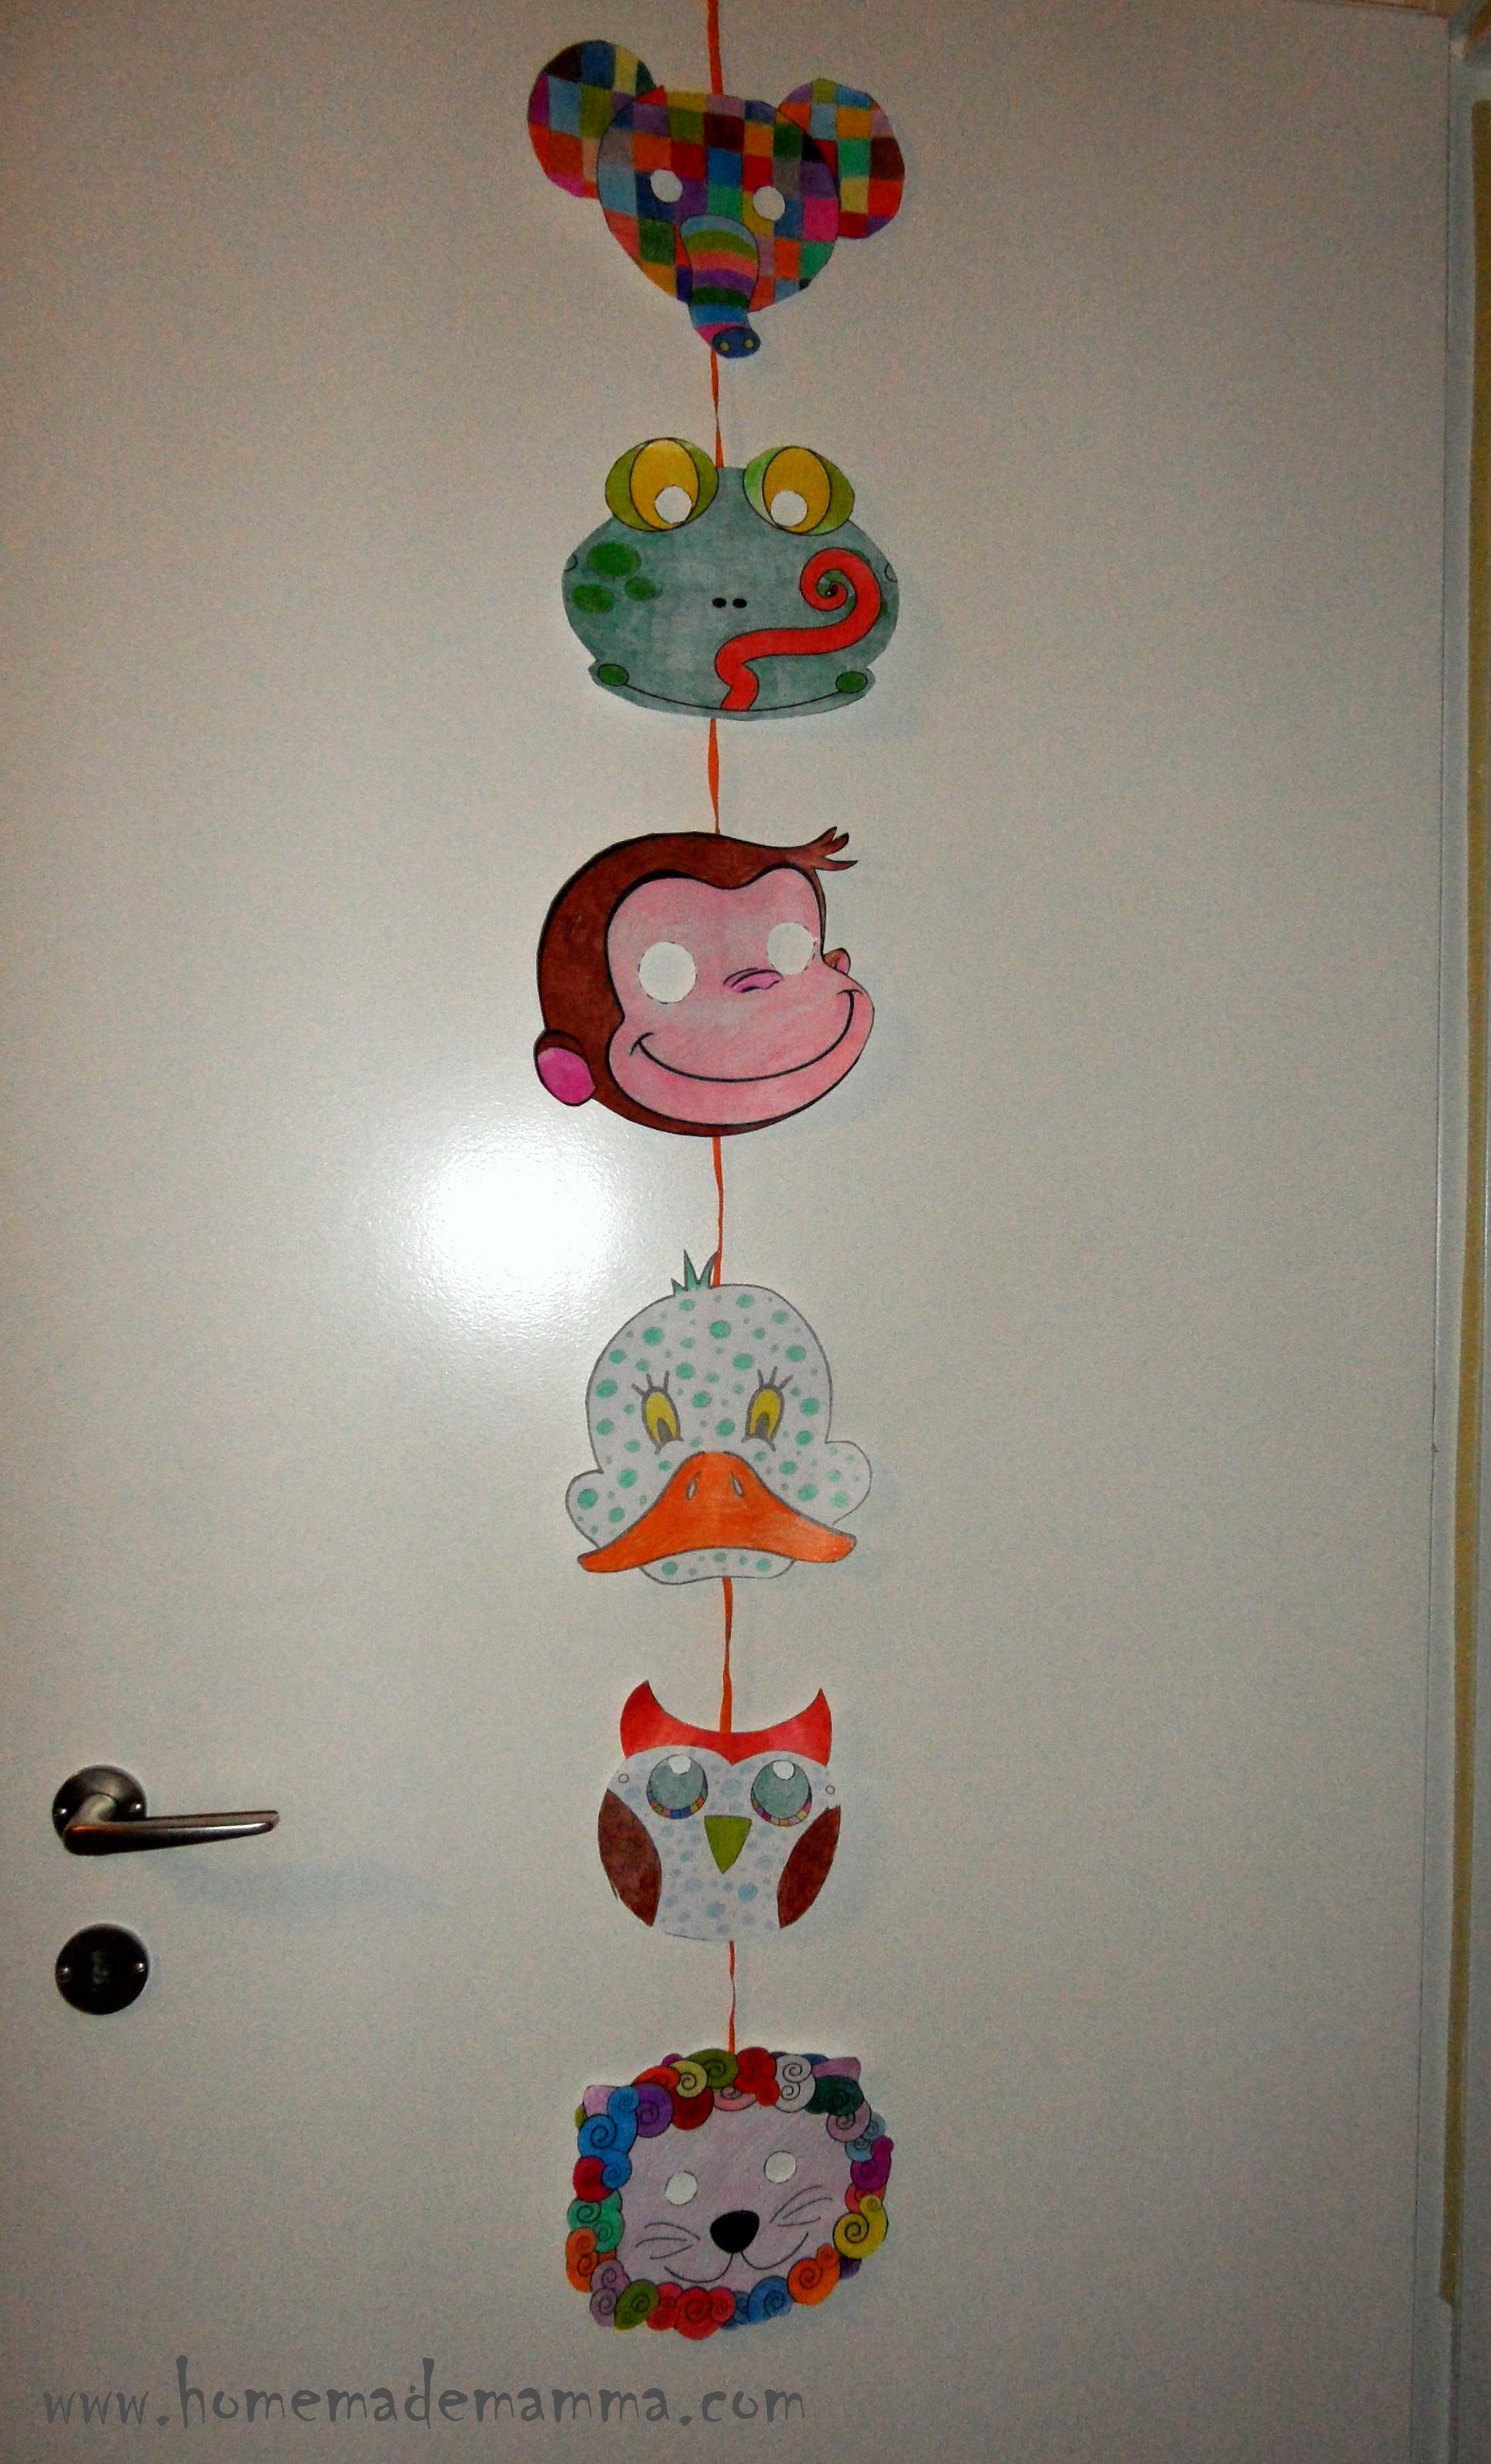 Decorazioni di carnevale la ghirlanda da porta eco idee for Decorare la porta dell aula